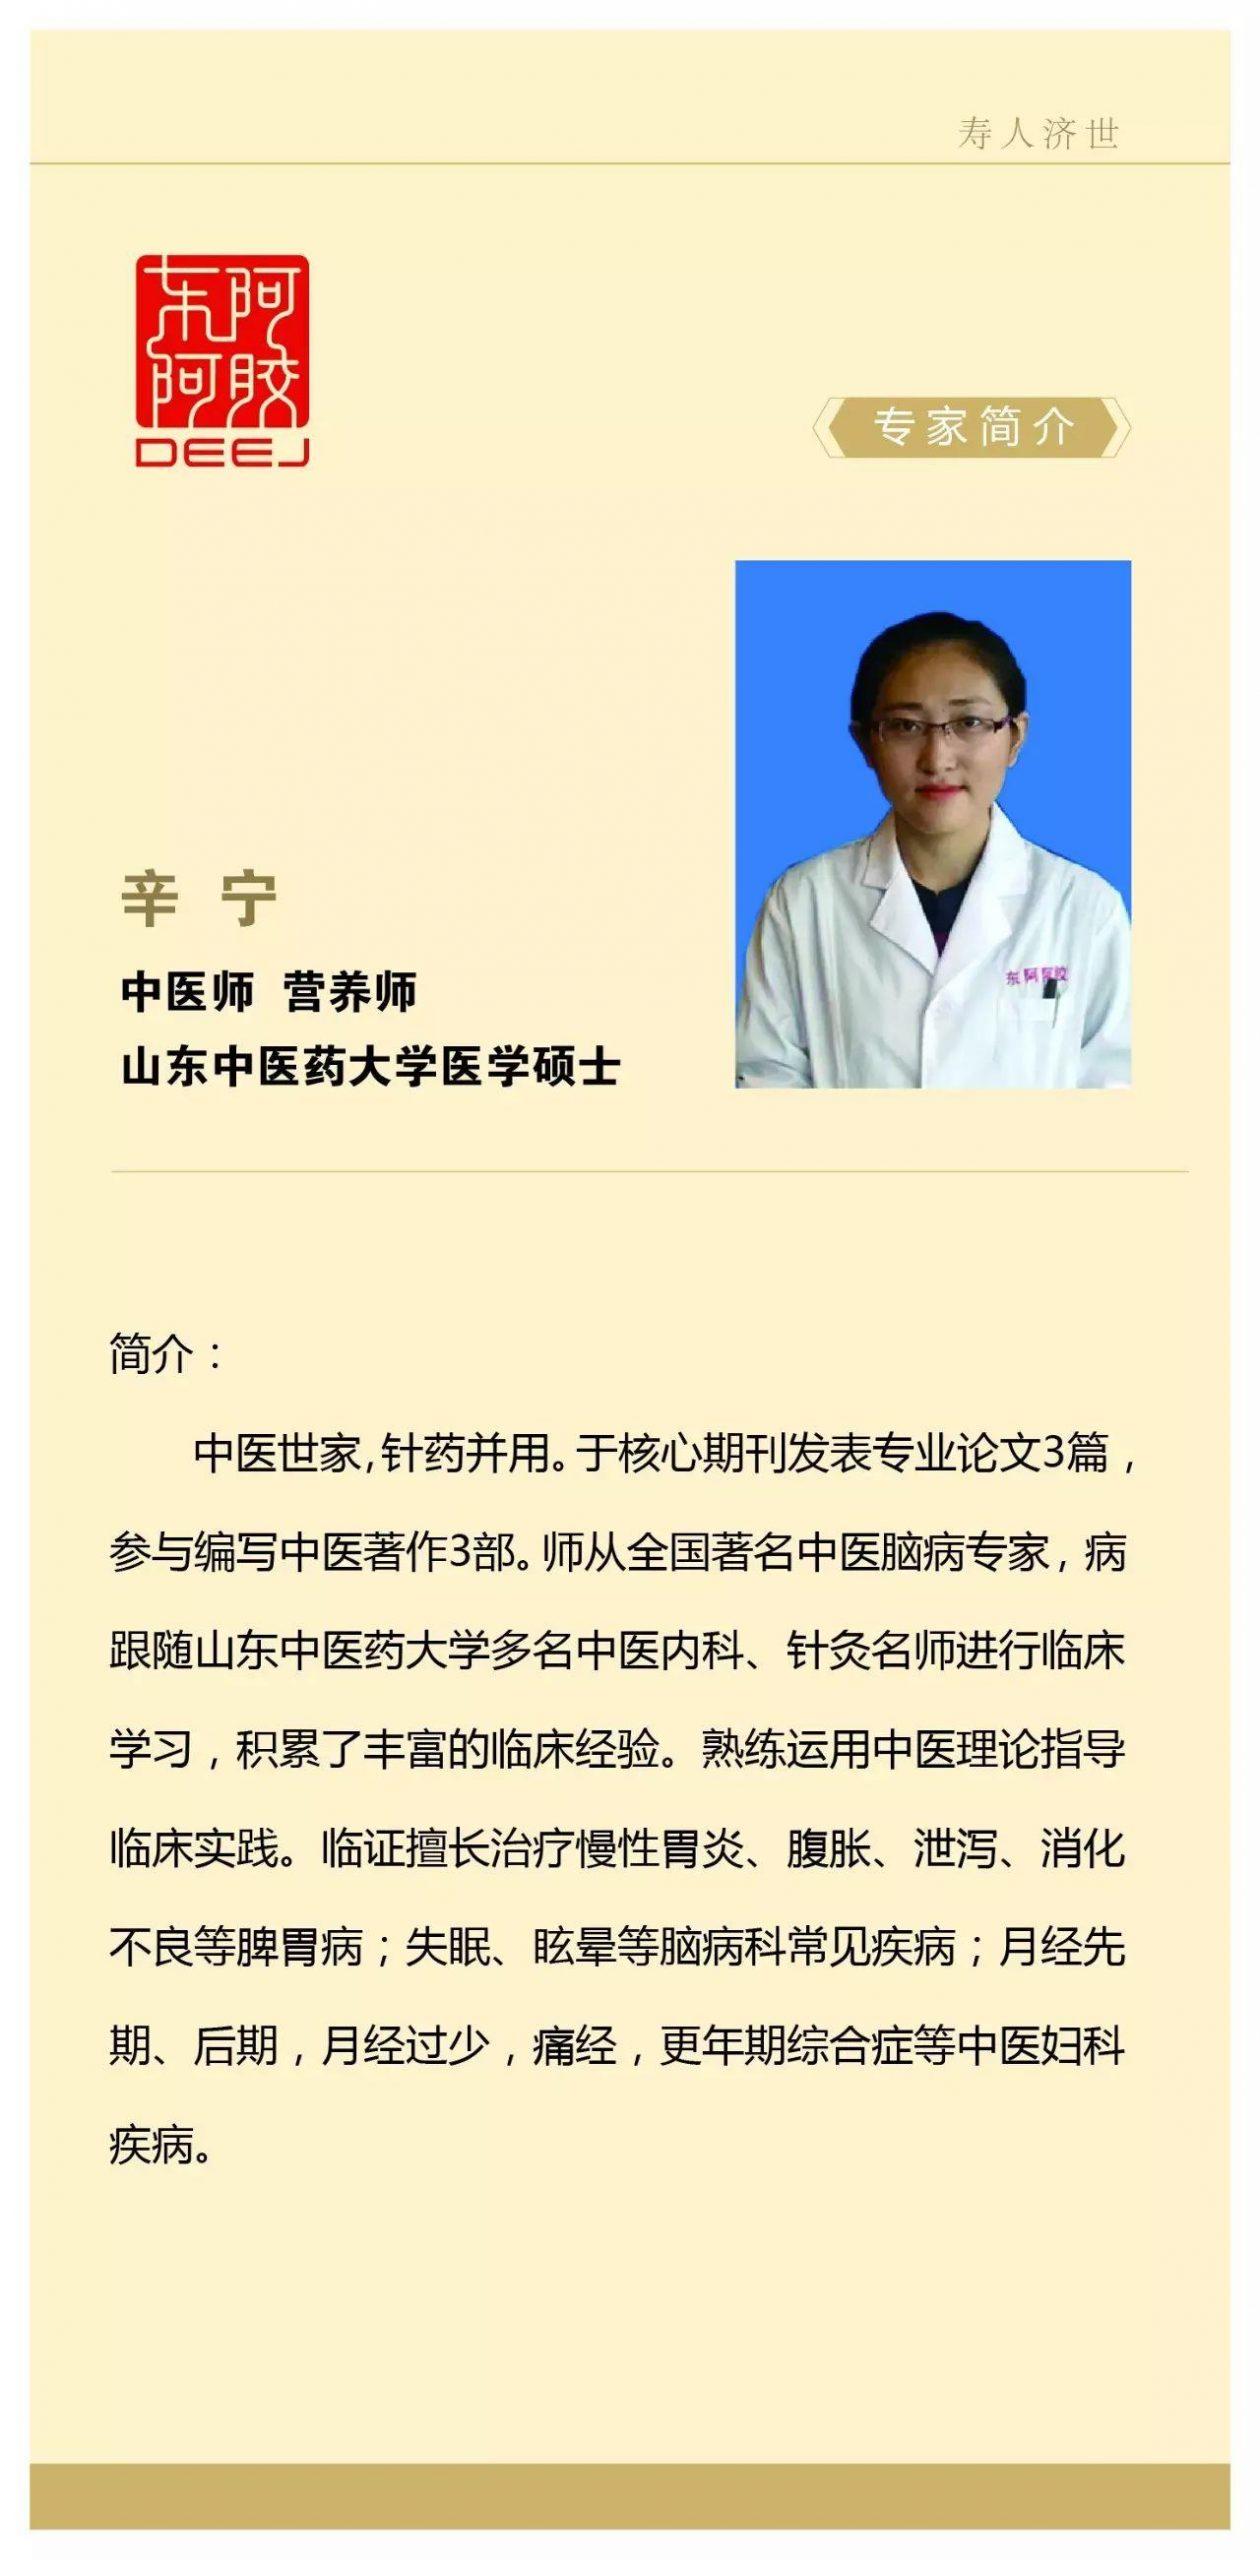 养生百科-东阿阿胶理疗篇—针灸治疗心悸案例分享picture Sheet-3